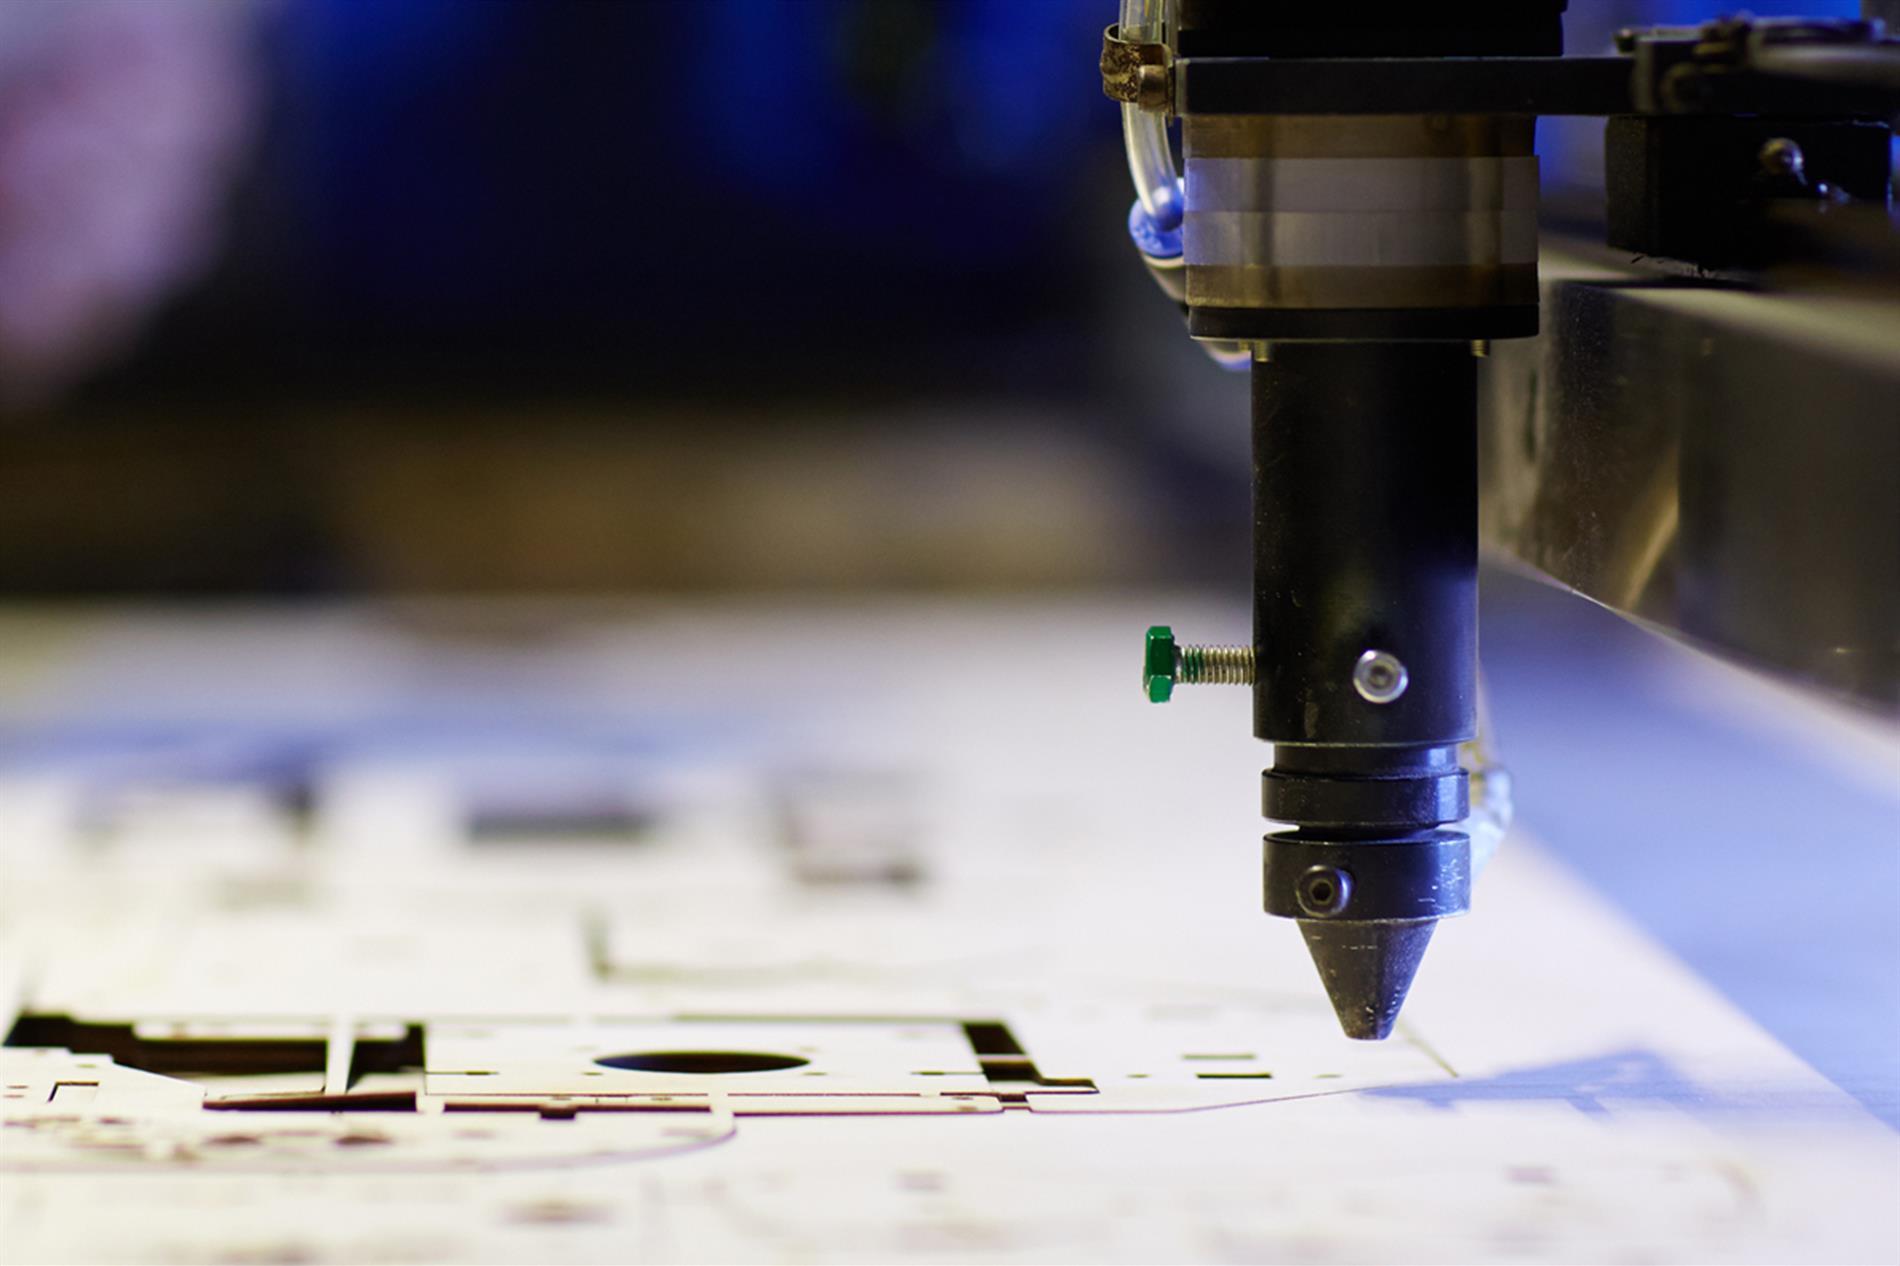 روش های حکاکی فلز با دستگاه های لیزر در ایران فلز چگونه است؟ - گروه صنعتی ایران فلز